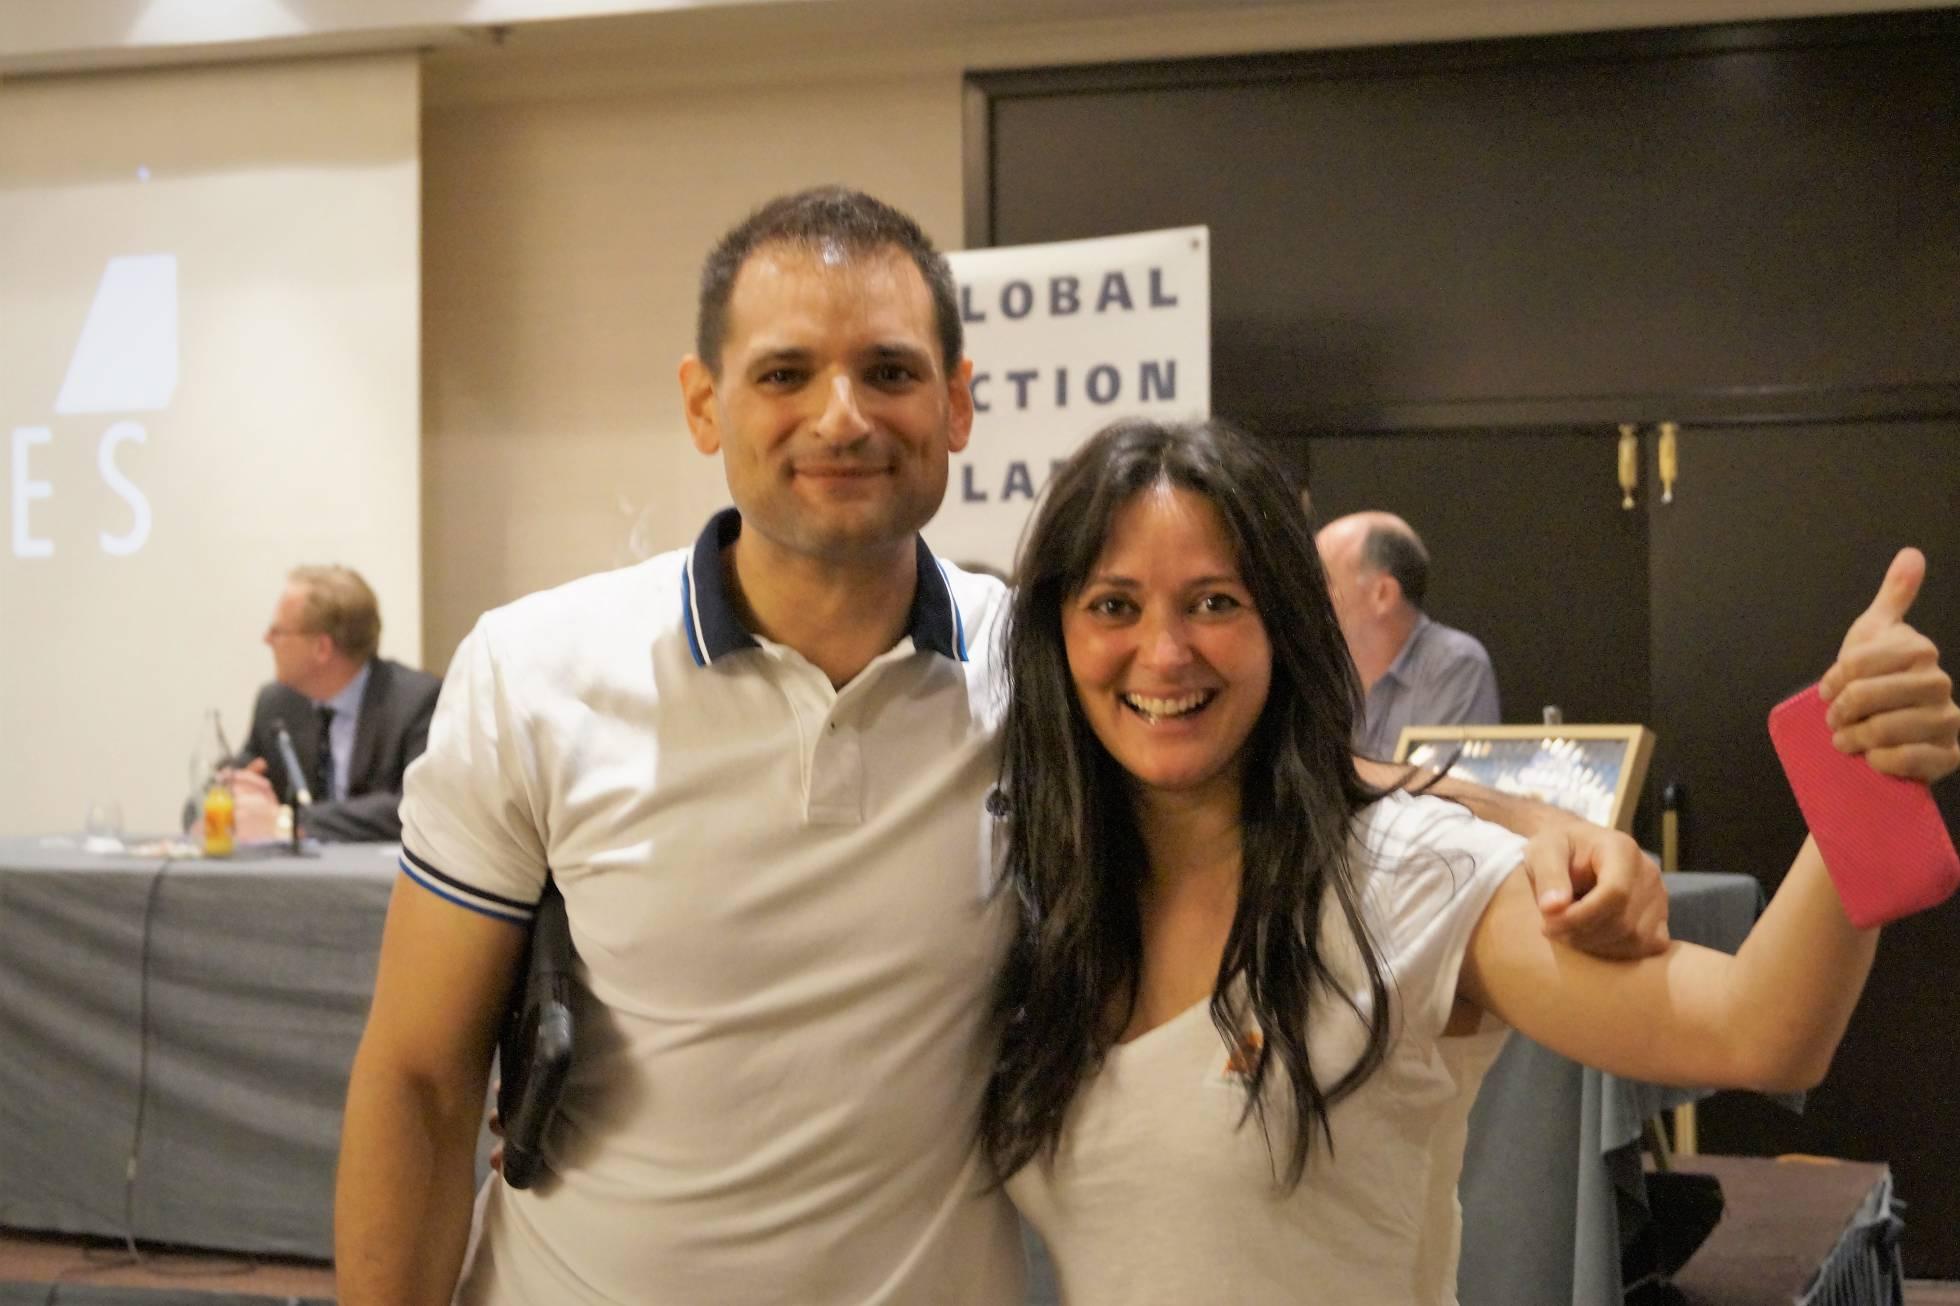 José Alberto y Esther Diánez en la Final del Programa' Watter Explorer'. Esther Diánez